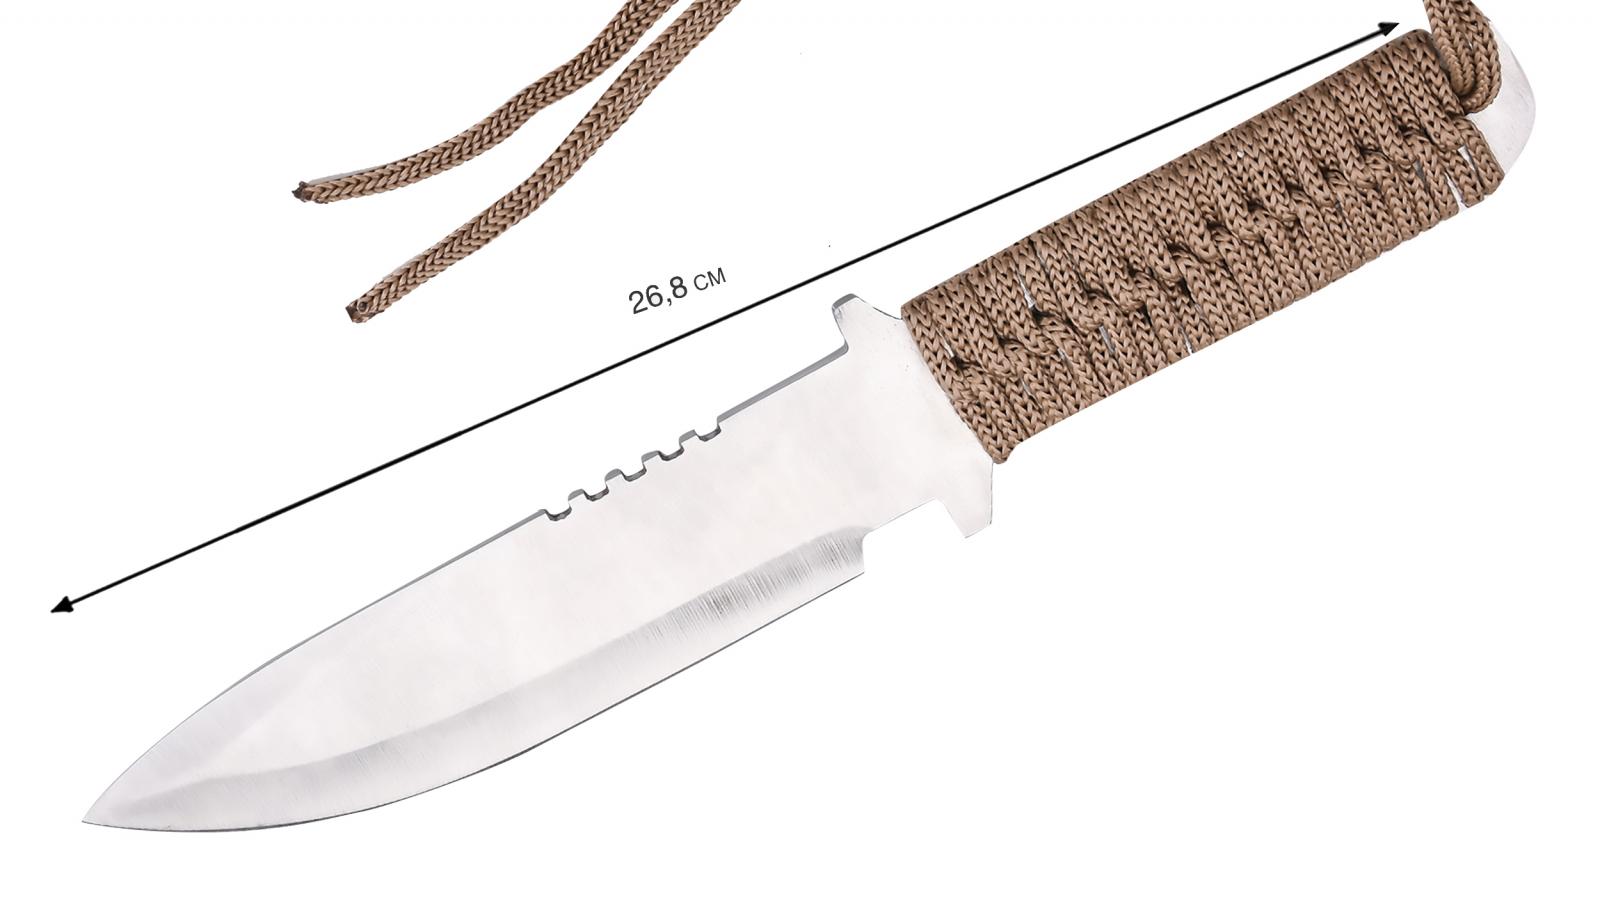 Туристический нож для выживания недорого